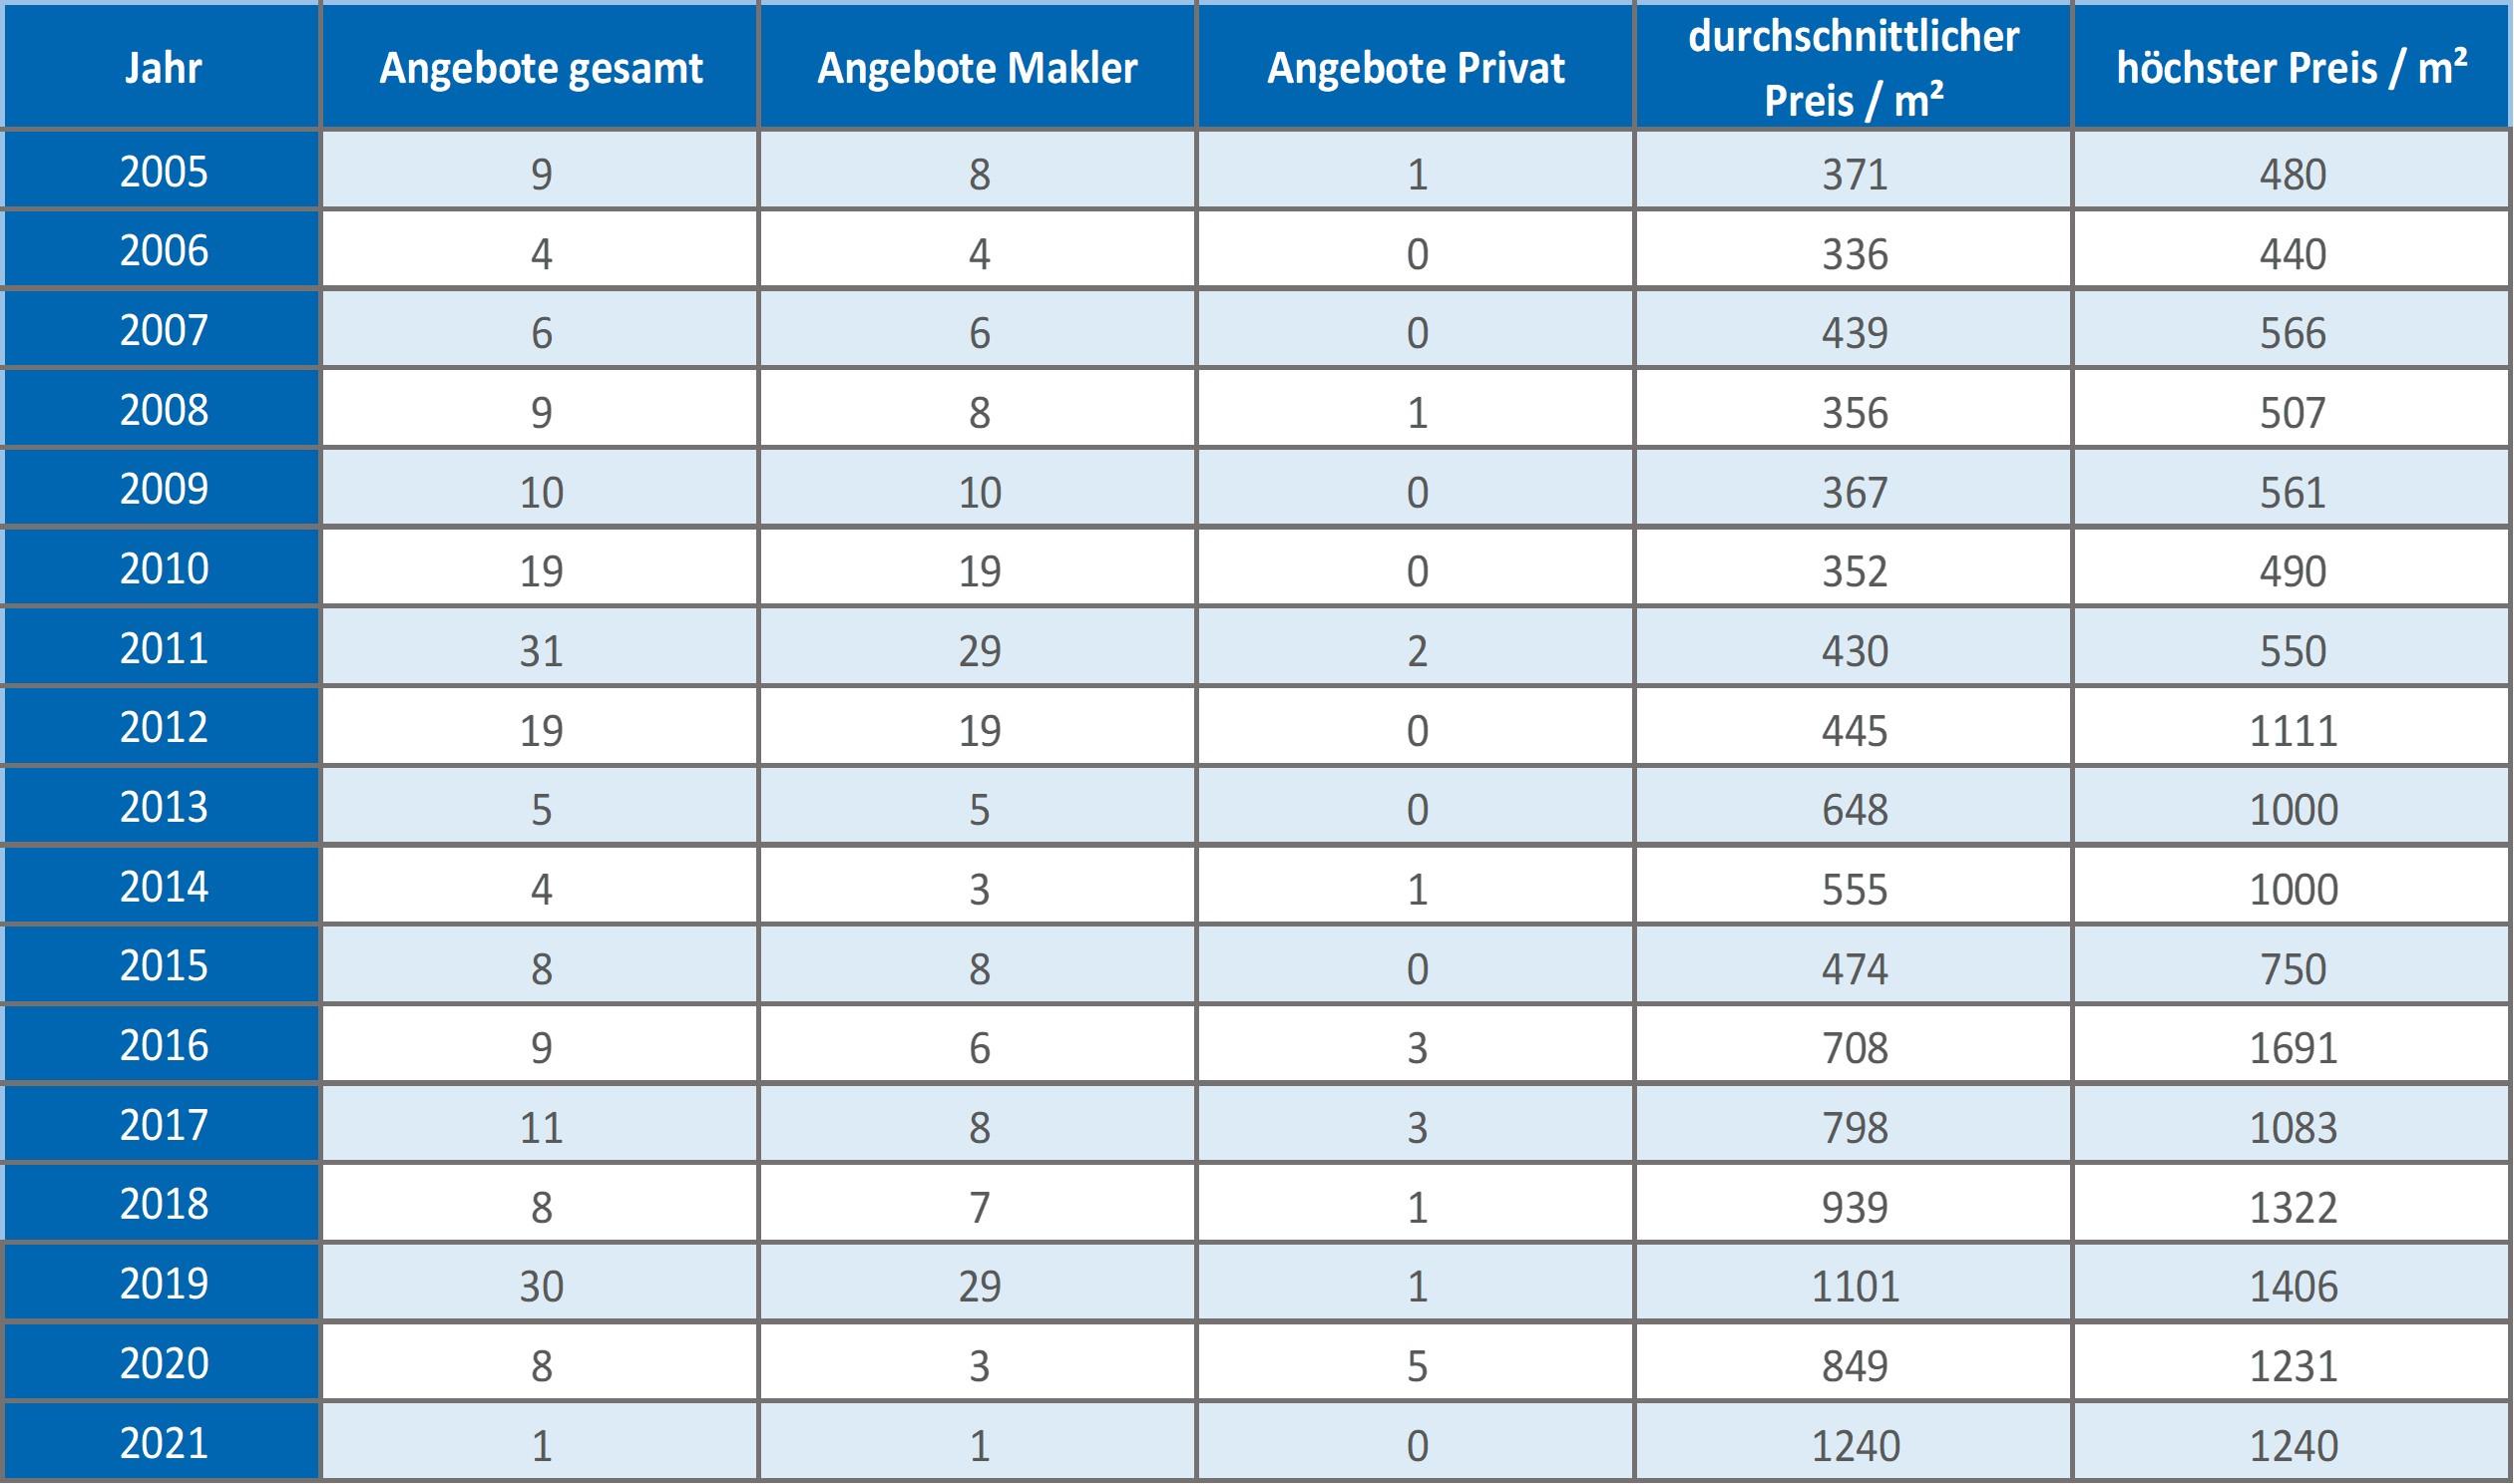 Aying-Grundstück-kaufen-verkaufen-Makler 2019, 2020, 2021